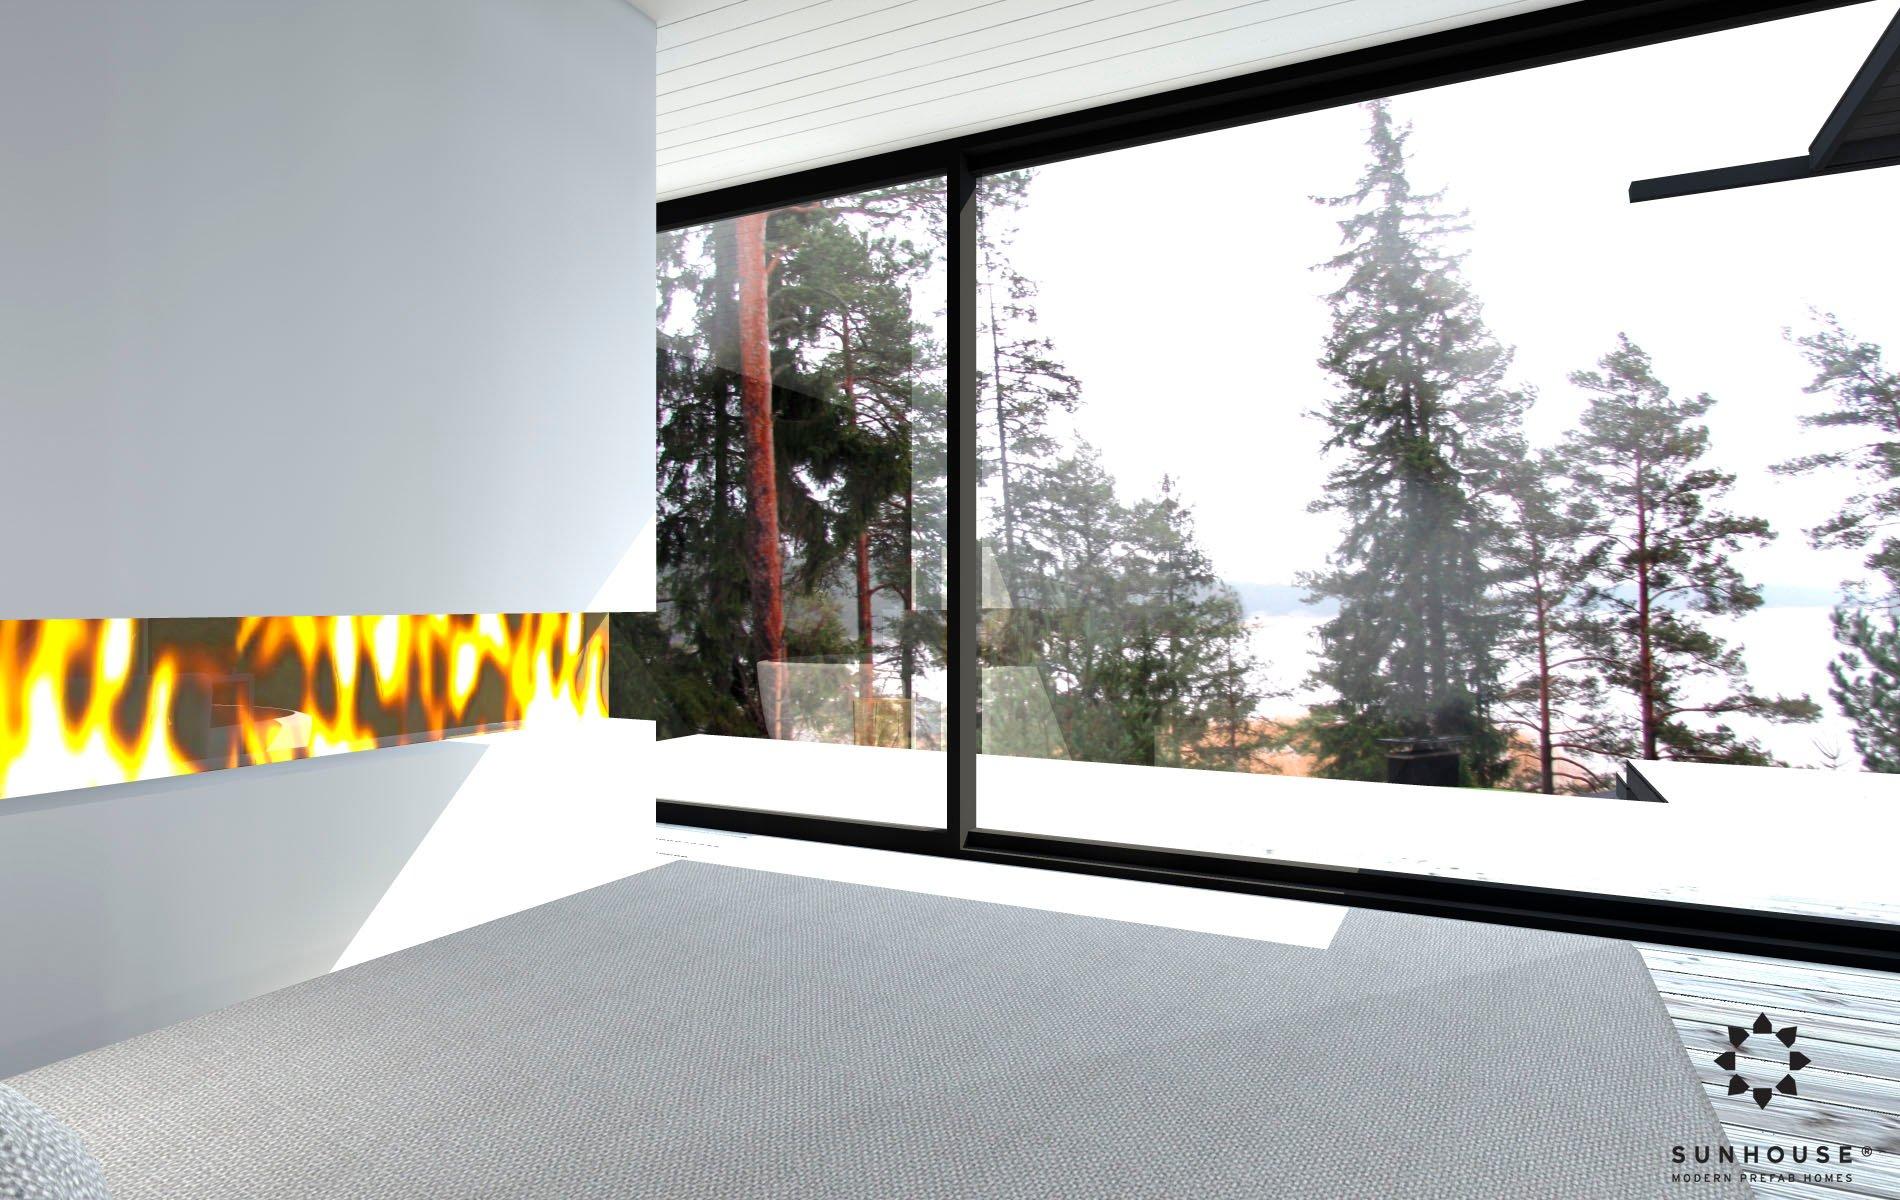 Sunhouse S1412 - Moderni vapaa-ajan asunto-11